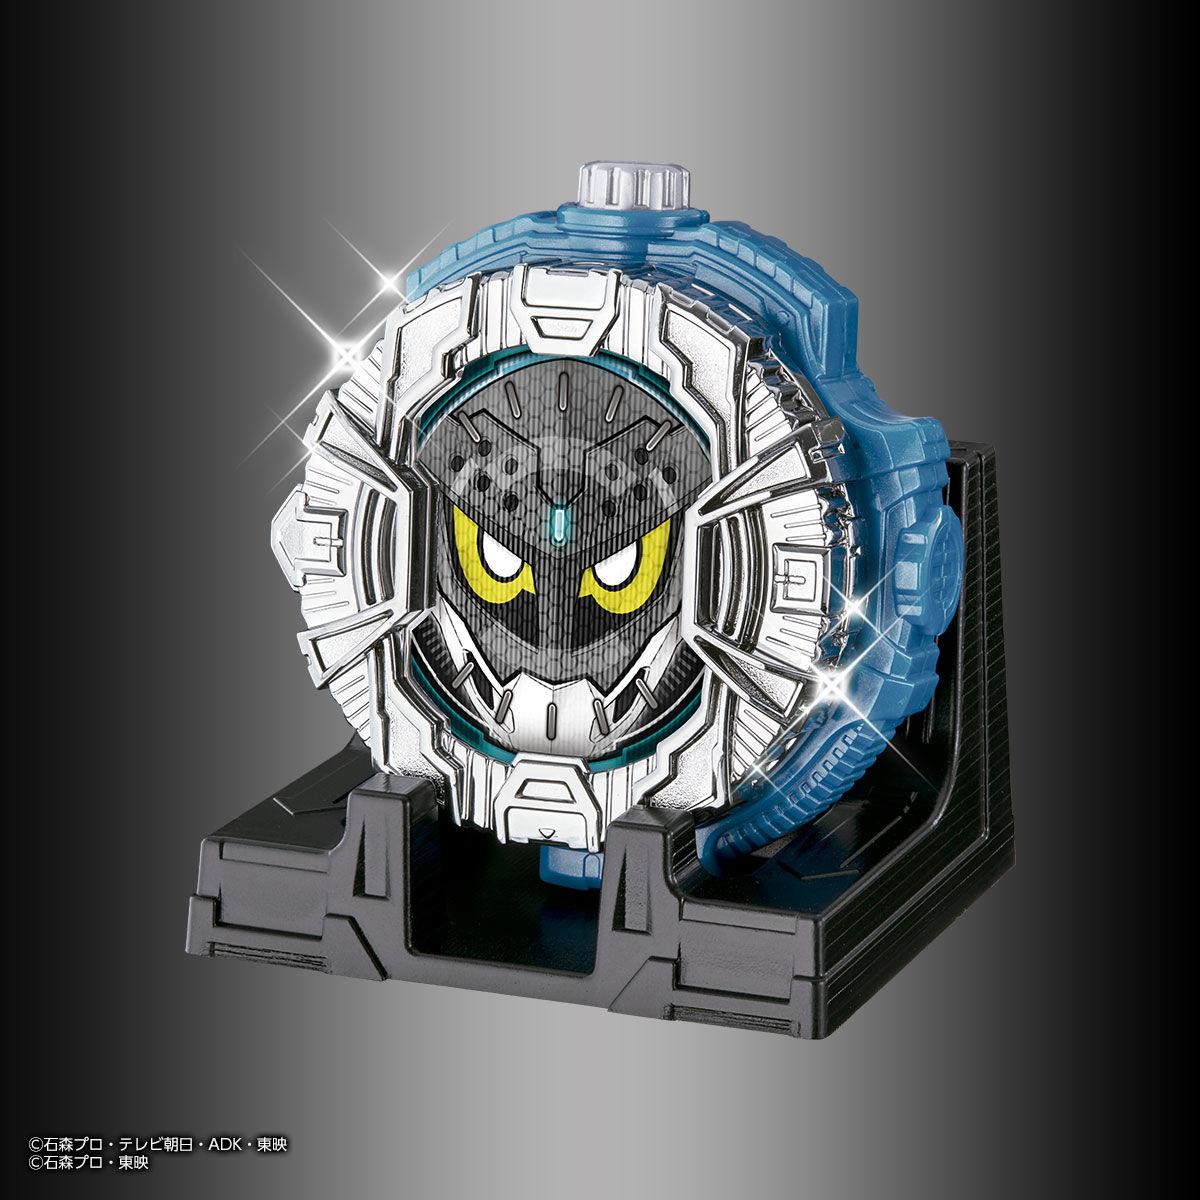 仮面ライダージオウ サウンドライドウォッチシリーズ『GPライドウォッチPB01』ガシャポン-009